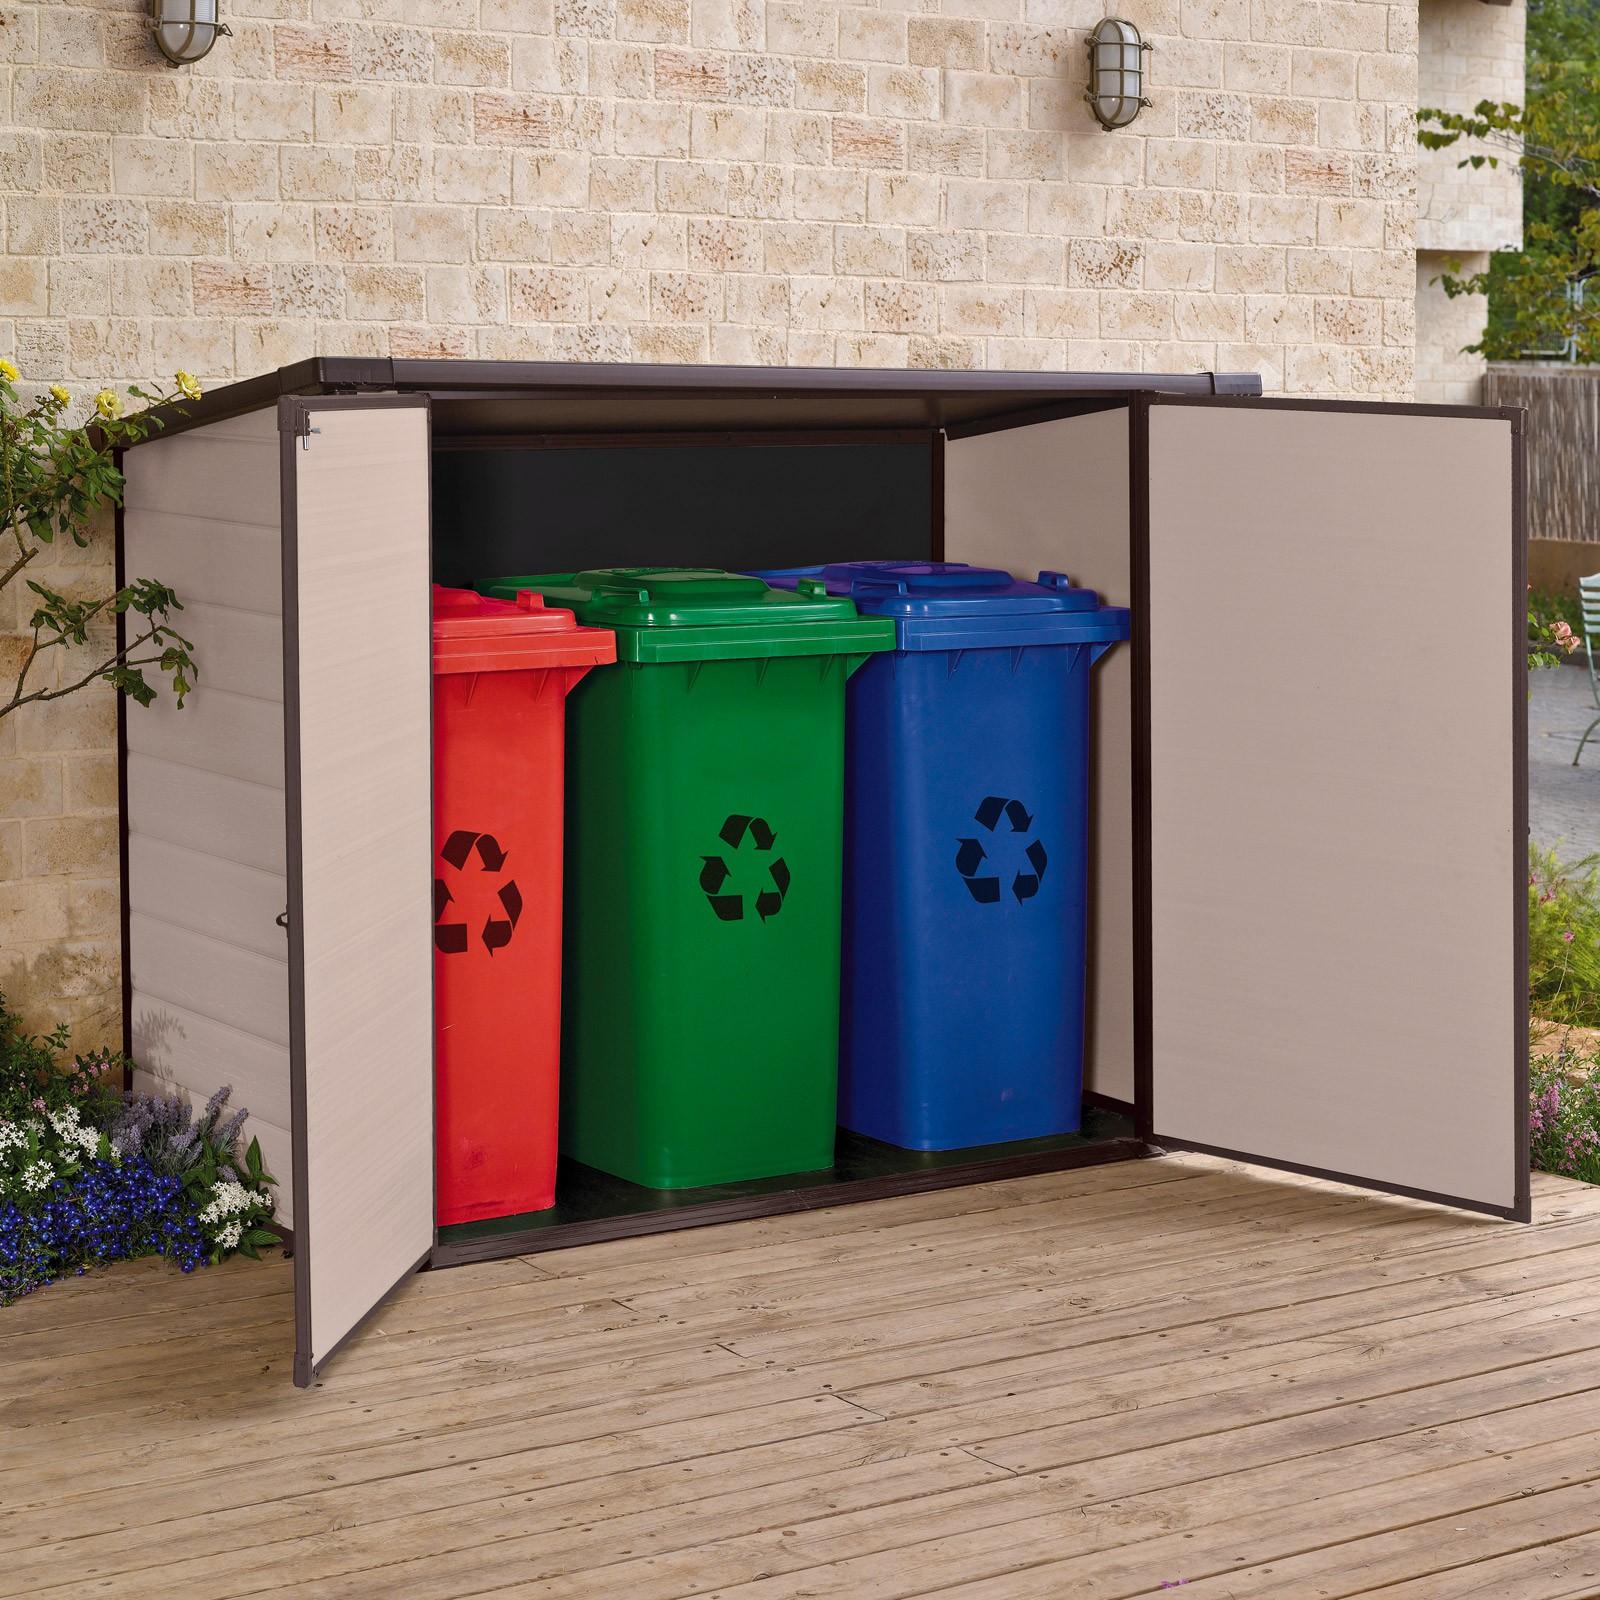 Imagens de #076729 Tepro Universalbox 200x90x150/134 cm für Fahrräder / Mülltonnen  1600x1600 px 3180 Box Banheiro 90 X 90